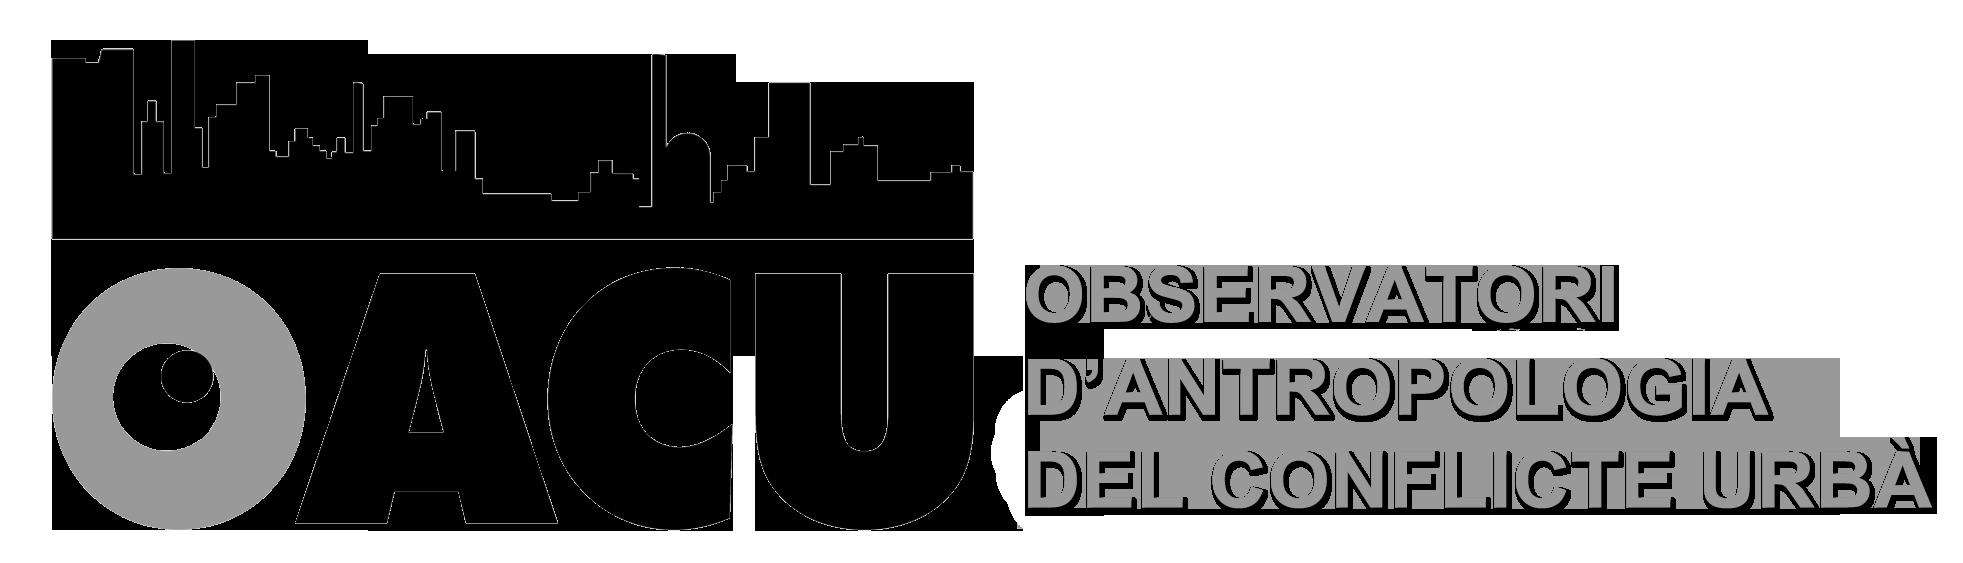 OBSERVATORI D'ANTROPOLOGIA DEL CONFLICTE URBÀ